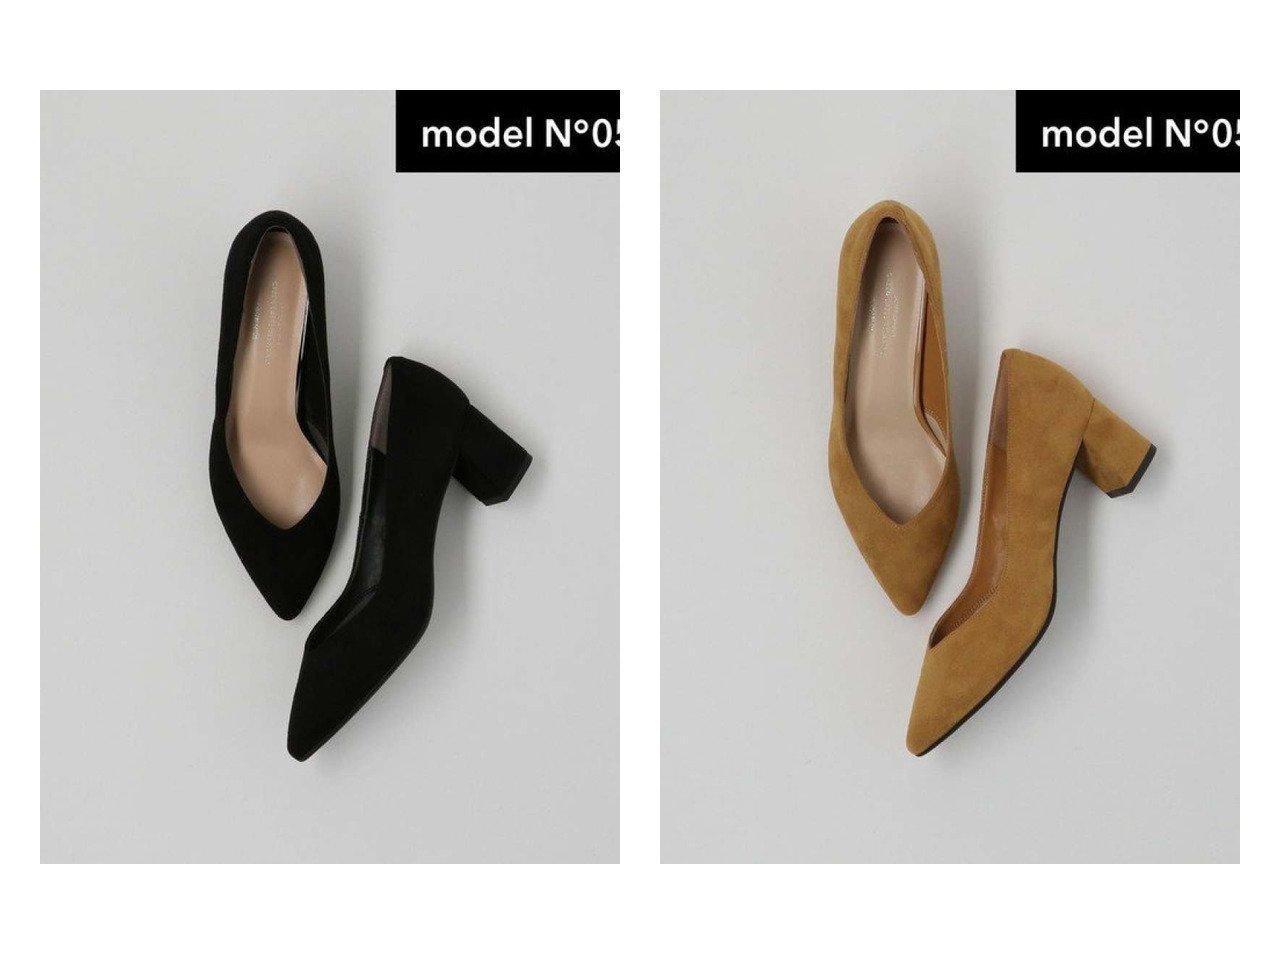 【green label relaxing / UNITED ARROWS/グリーンレーベル リラクシング / ユナイテッドアローズ】のmodel NO.05 D ポインテッド チャンキー パンプス 50 シューズ・靴のおすすめ!人気、トレンド・レディースファッションの通販 おすすめで人気の流行・トレンド、ファッションの通販商品 メンズファッション・キッズファッション・インテリア・家具・レディースファッション・服の通販 founy(ファニー) https://founy.com/ ファッション Fashion レディースファッション WOMEN カッティング シューズ プレーン ポインテッド ミドル  ID:crp329100000012453